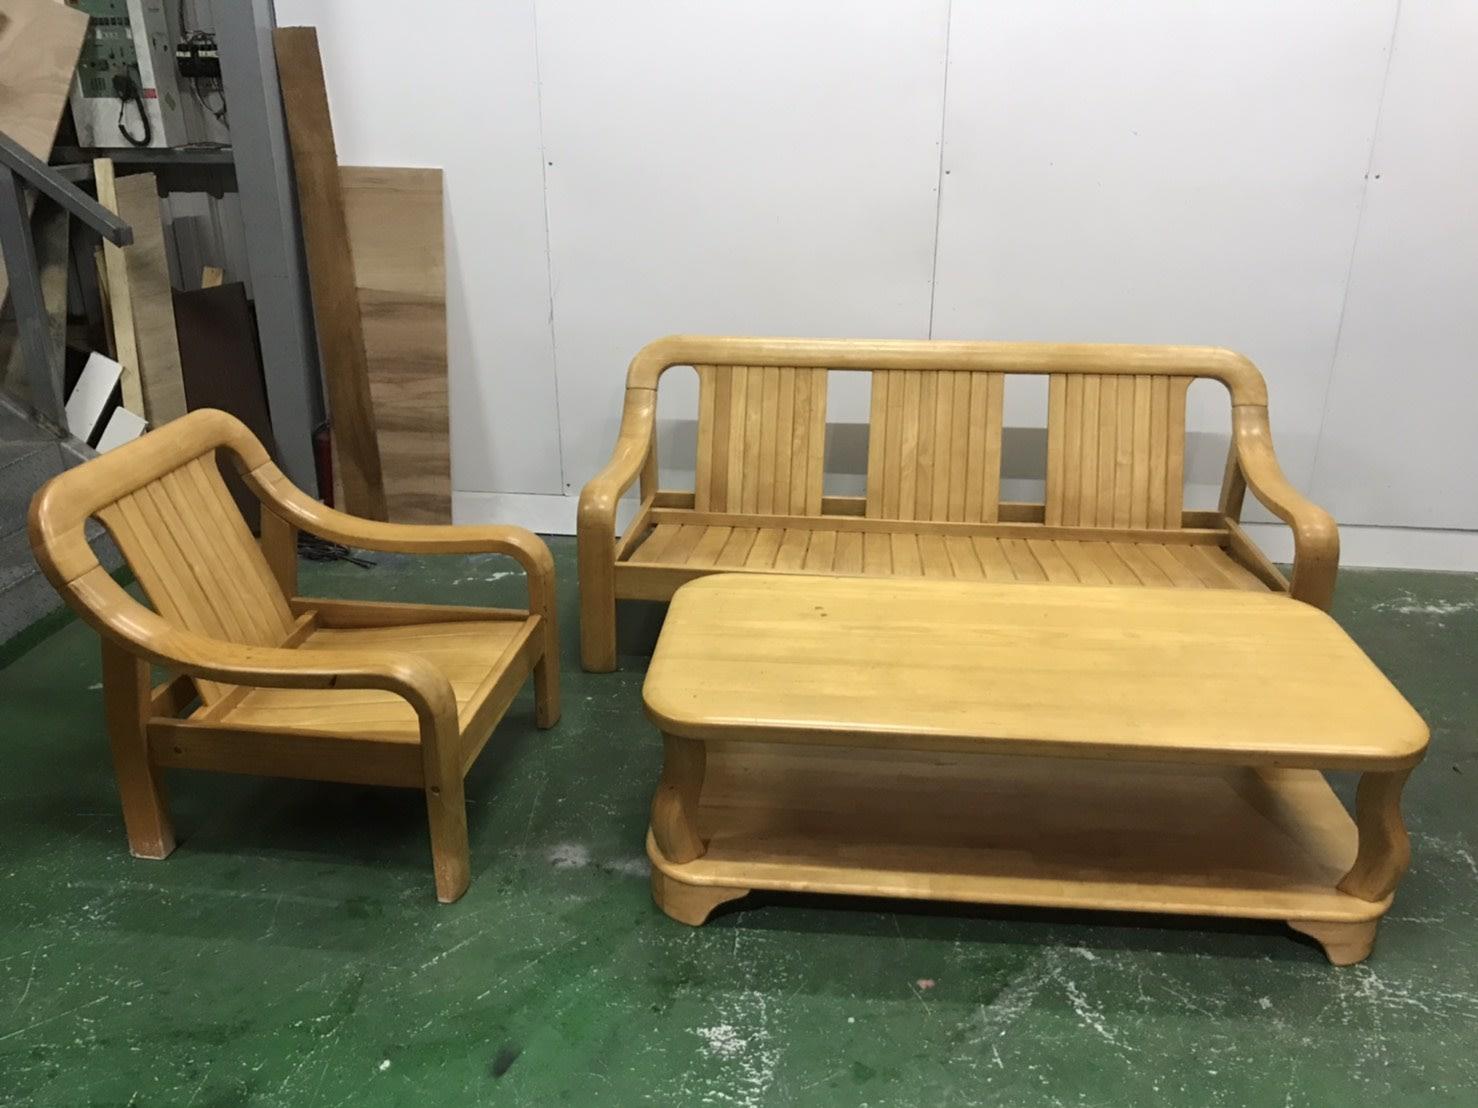 二手家具全省估價(大台北冠均 新五店)二手貨中心--舒適優雅實木椅1+3木沙發+大茶几 木製沙發組 SO-9102109